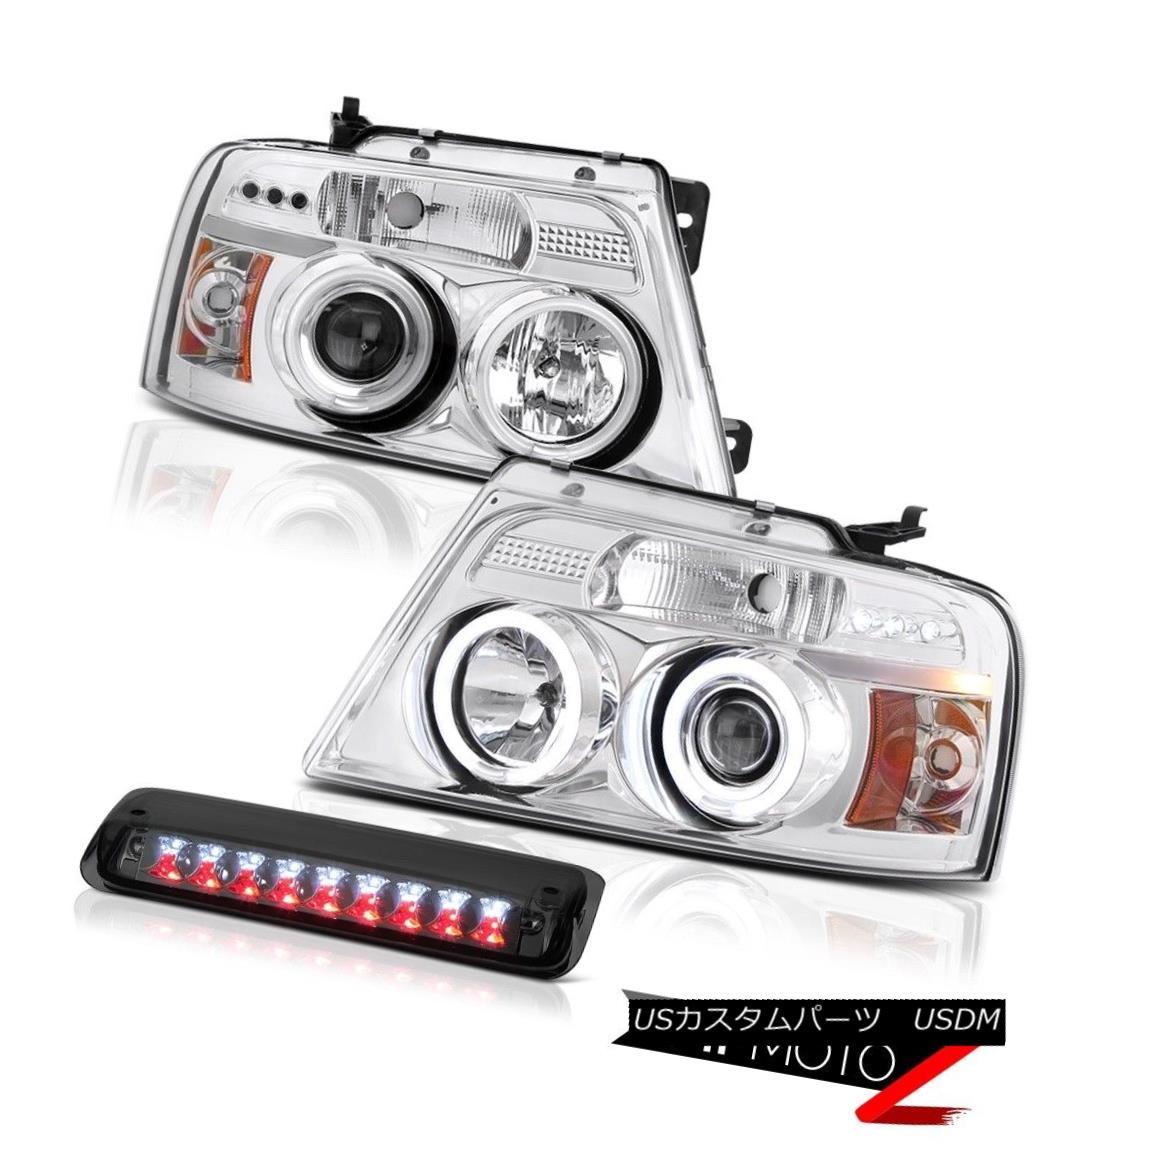 テールライト 2004-2008 Ford F150 King Ranch Third Brake Light Chrome Headlights LED Brightest 2004-2008フォードF150キングランチ第3ブレーキライトクロームヘッドライトLED最も明るい